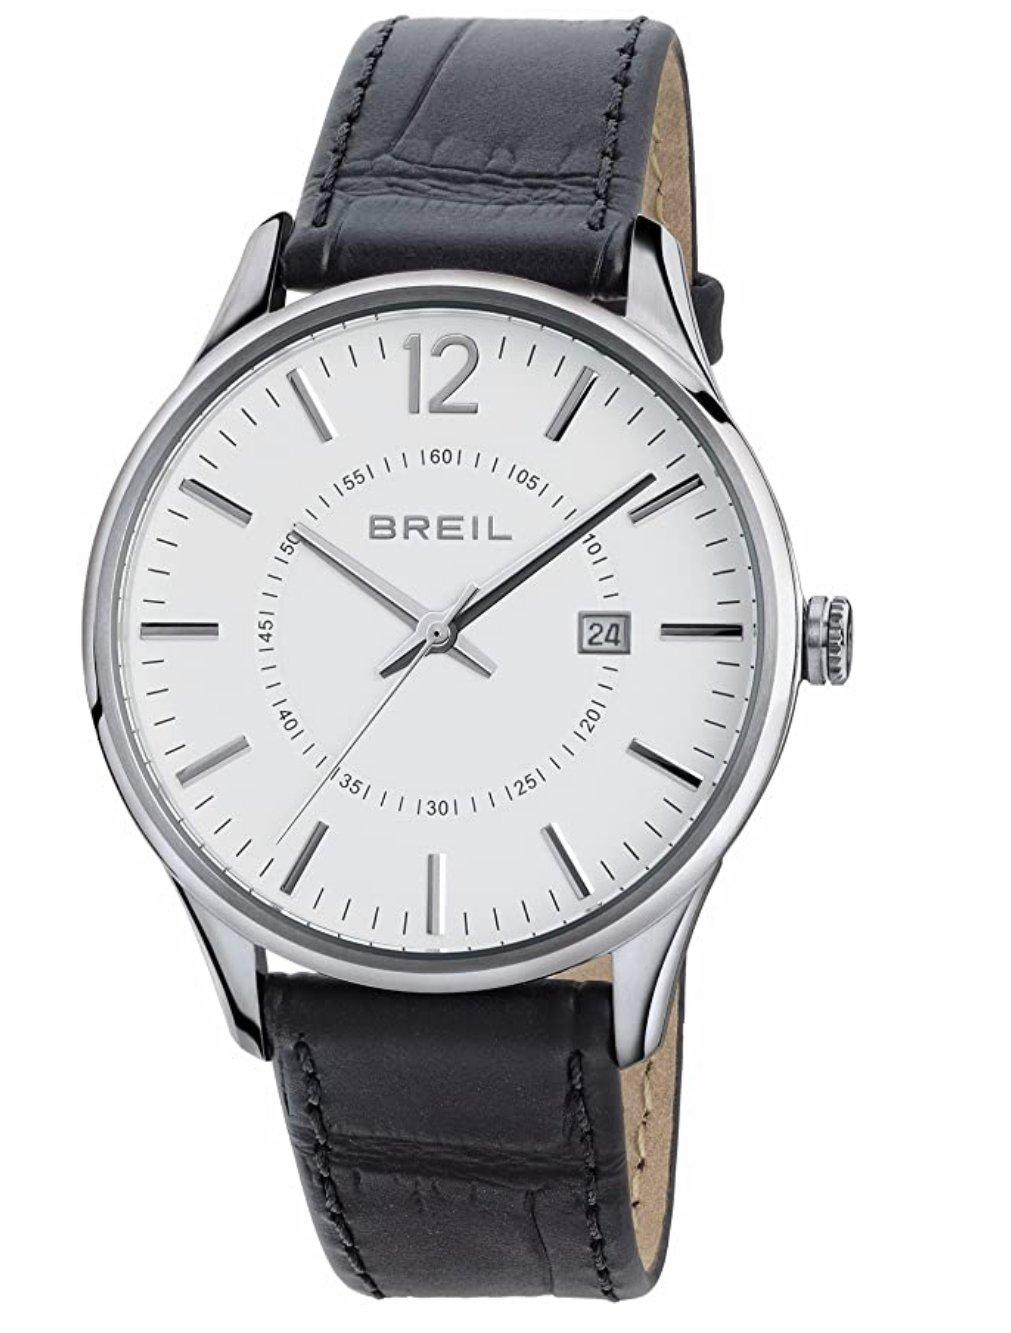 Orologio uomo Breil solo tempo e data con cinturino in pelle nera